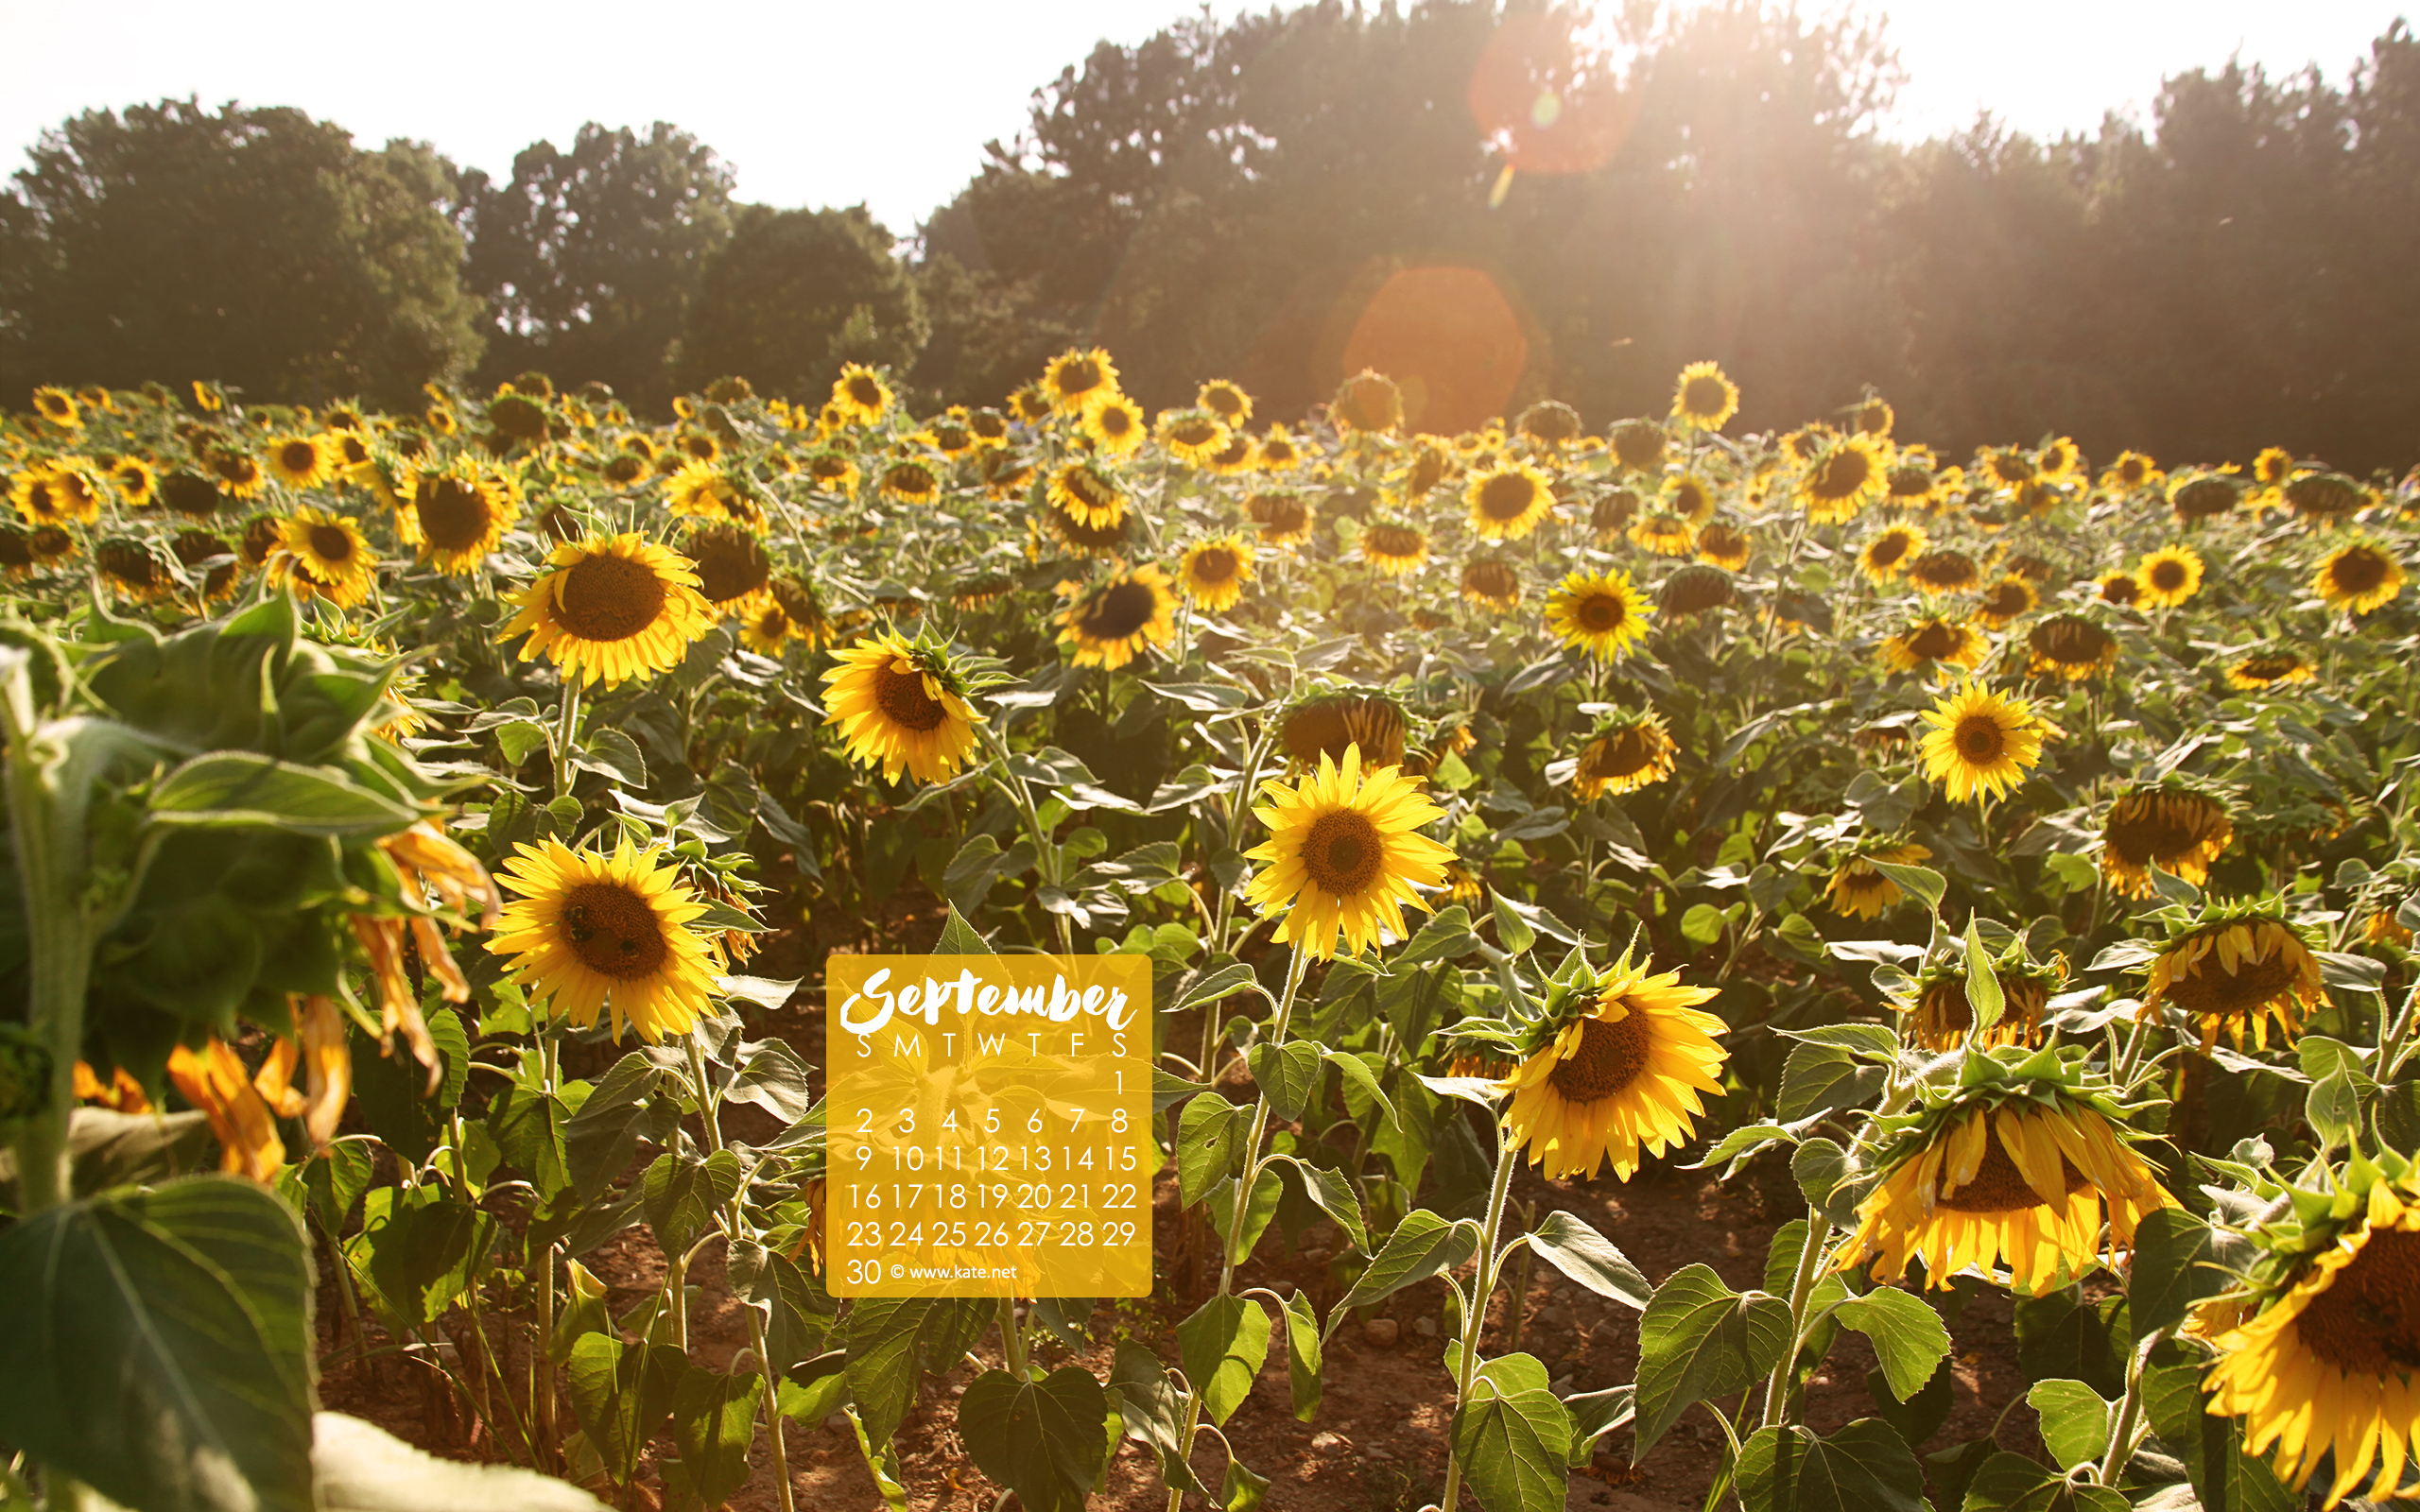 Fall Sunflower Desktop Wallpaper Calendar Wallpapers Desktop Wallpapers By Kate Net